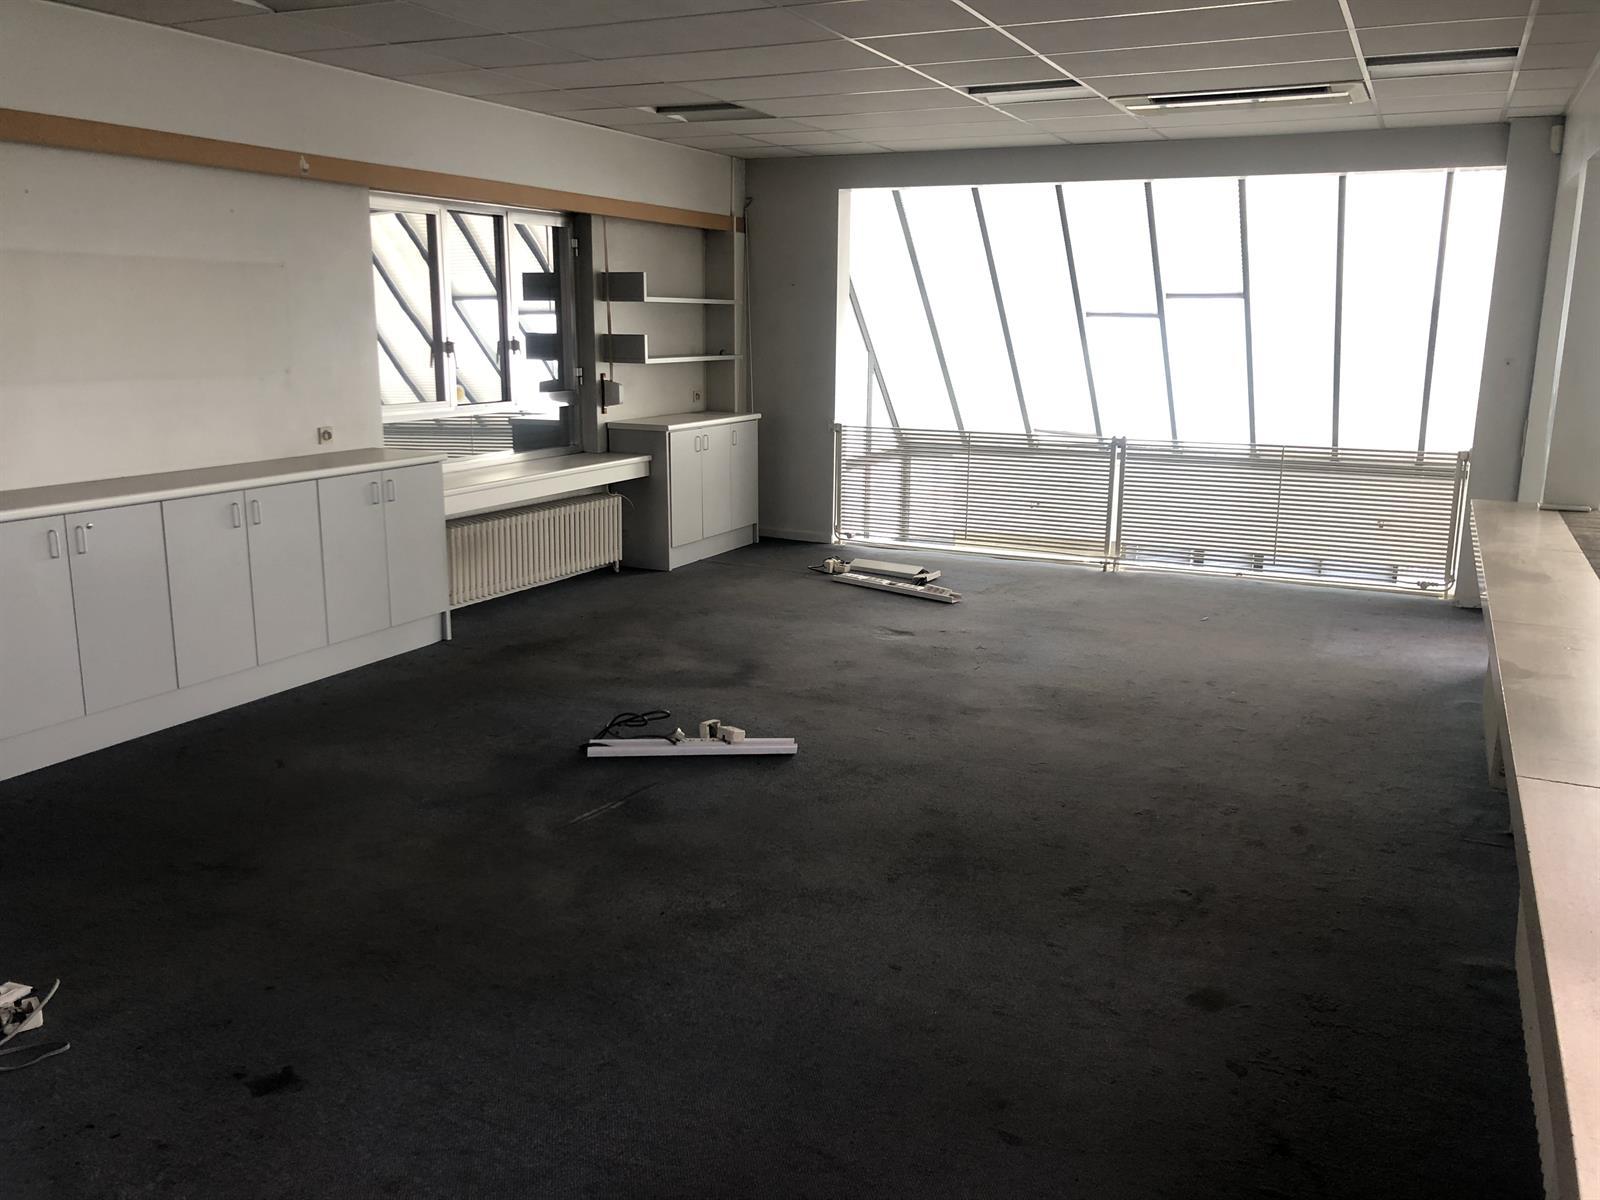 kantoor te huur K001 - Wilmarsdonksteenweg 11, 2030 Antwerpen, België 9